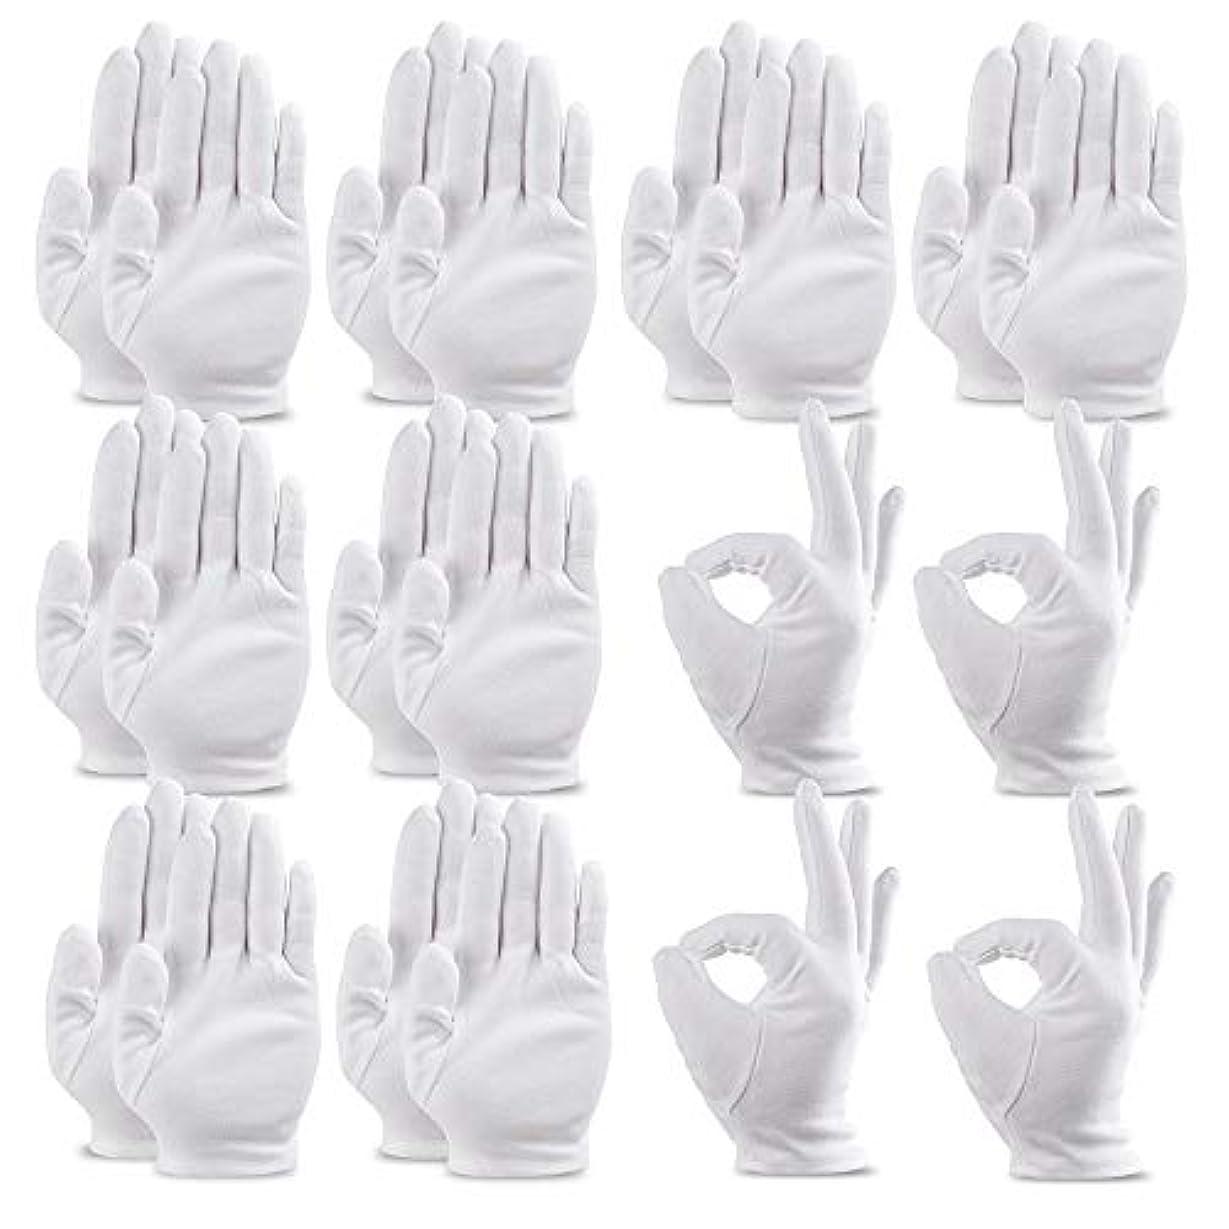 処理する怒る路地手袋 綿手袋 インナーコットン手袋 ガーデニング用手袋 20枚入り